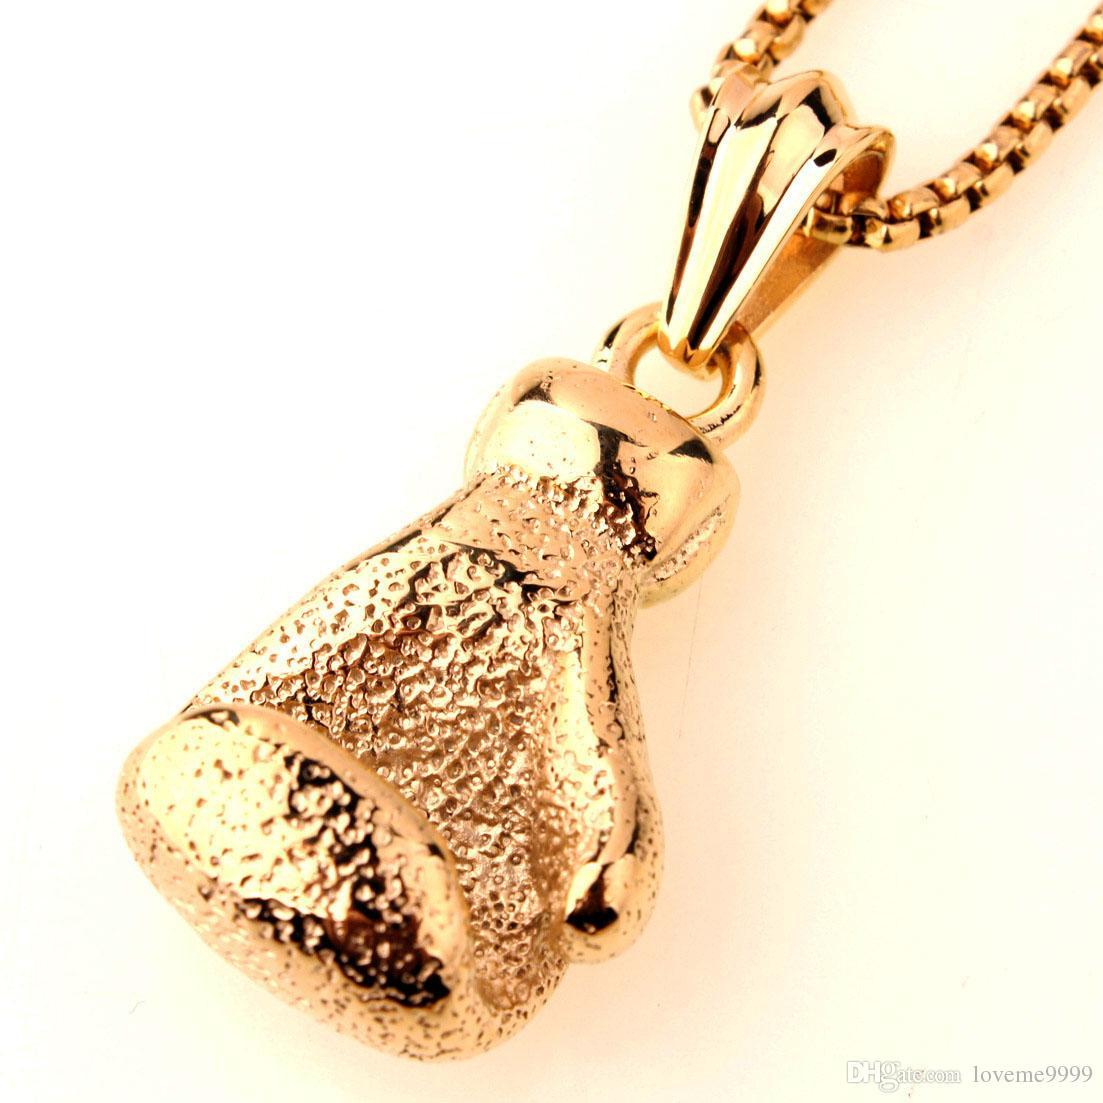 Хип-хоп золото / черный / посеребренные мода польский бокс спорт перчатки ожерелье бокс ювелирные изделия из нержавеющей стали кулон для мужчин мальчиков